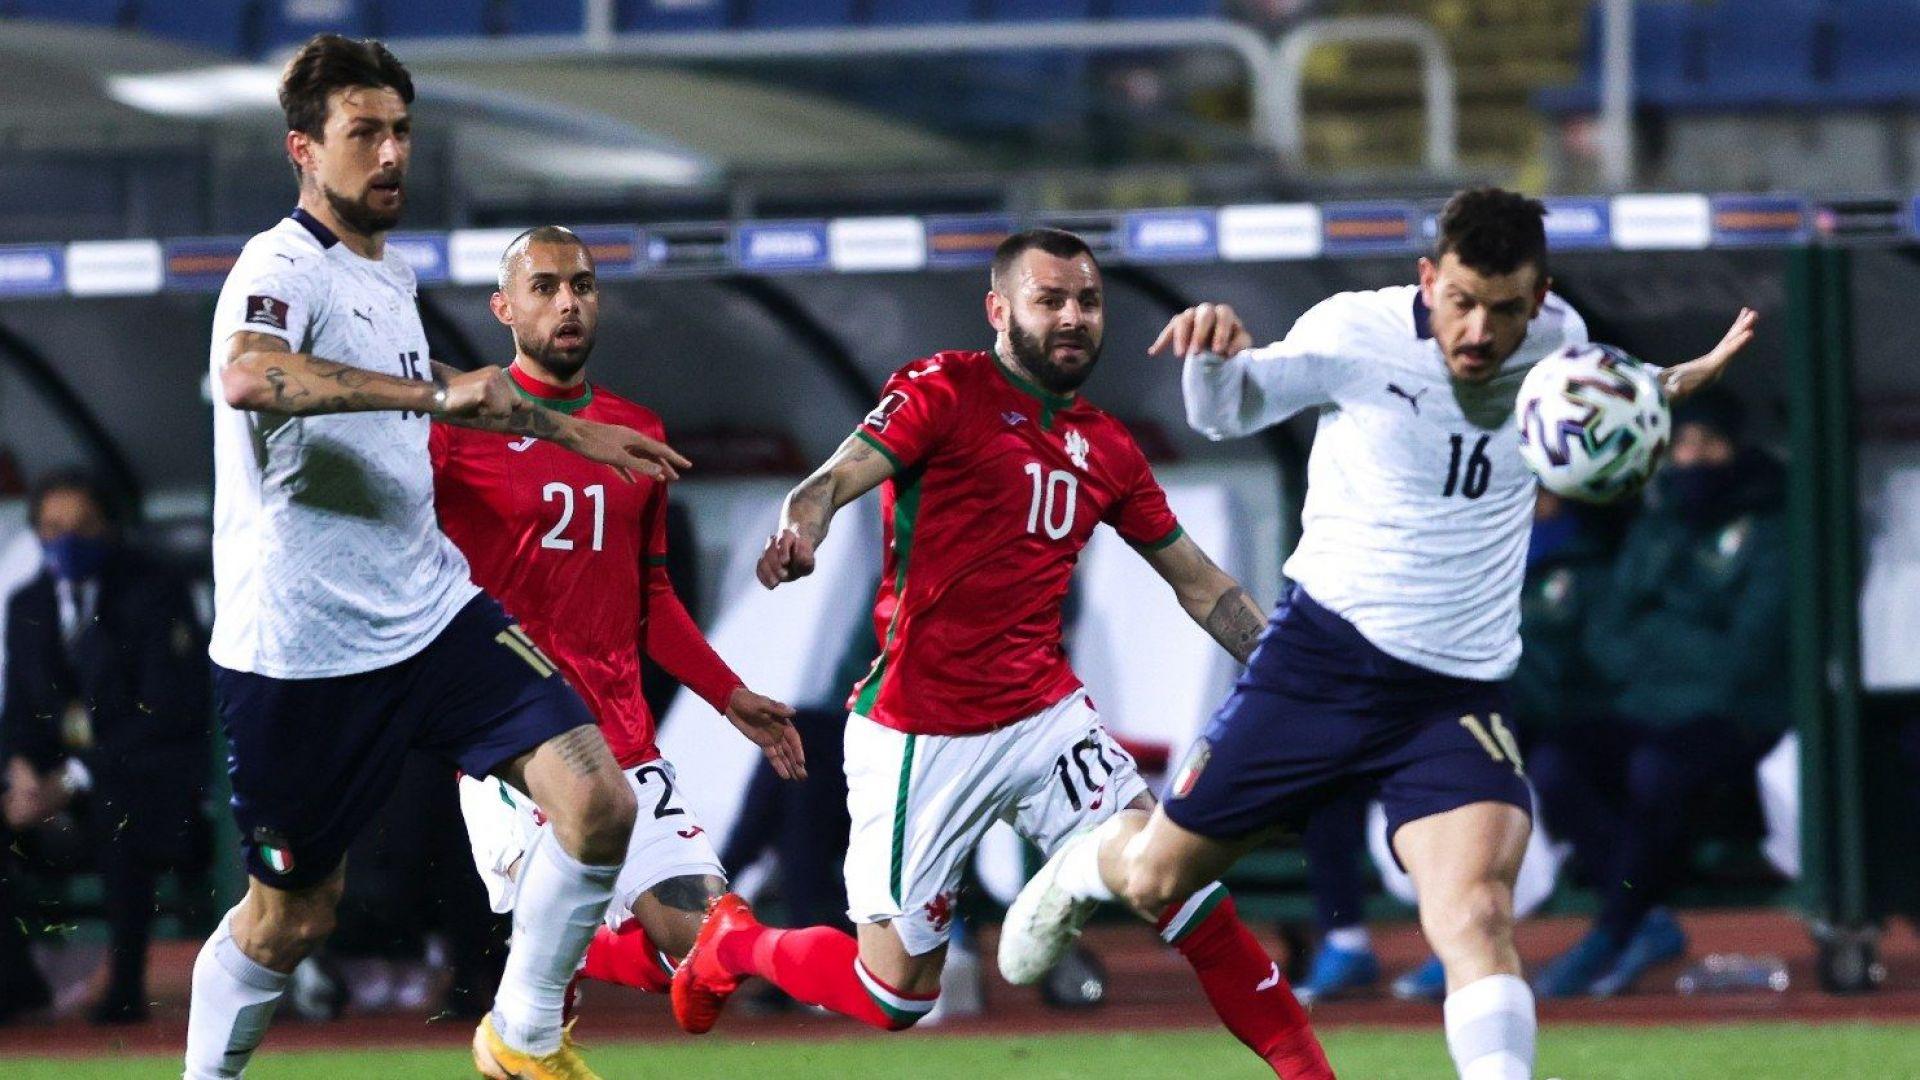 Националите ни се подобриха, но Италия за първи път взе победа в София